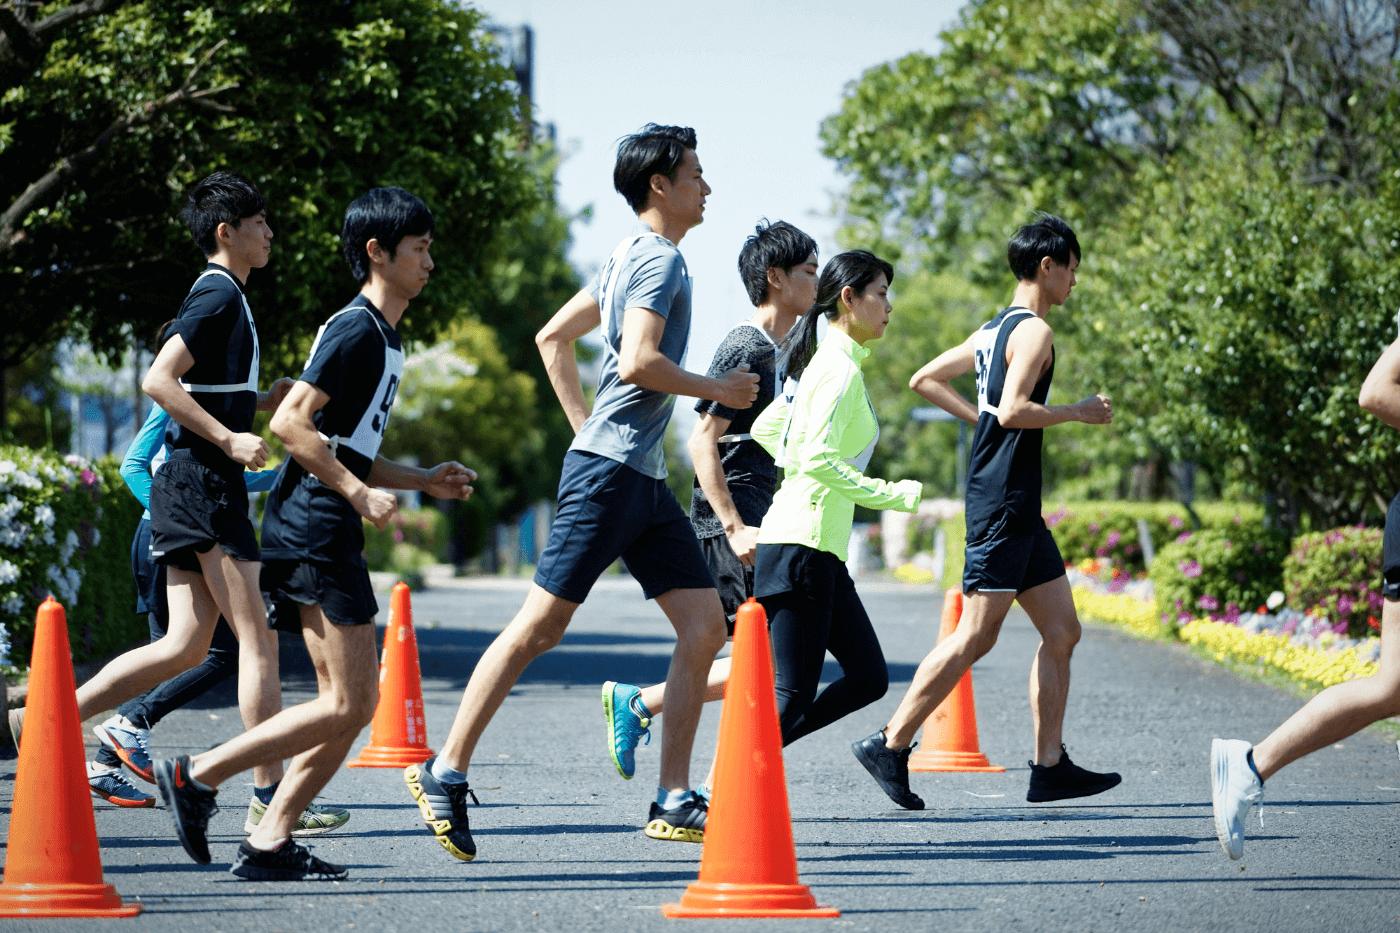 市民健康づくり愛らぶ高梁ふれあいマラソン   岡山県